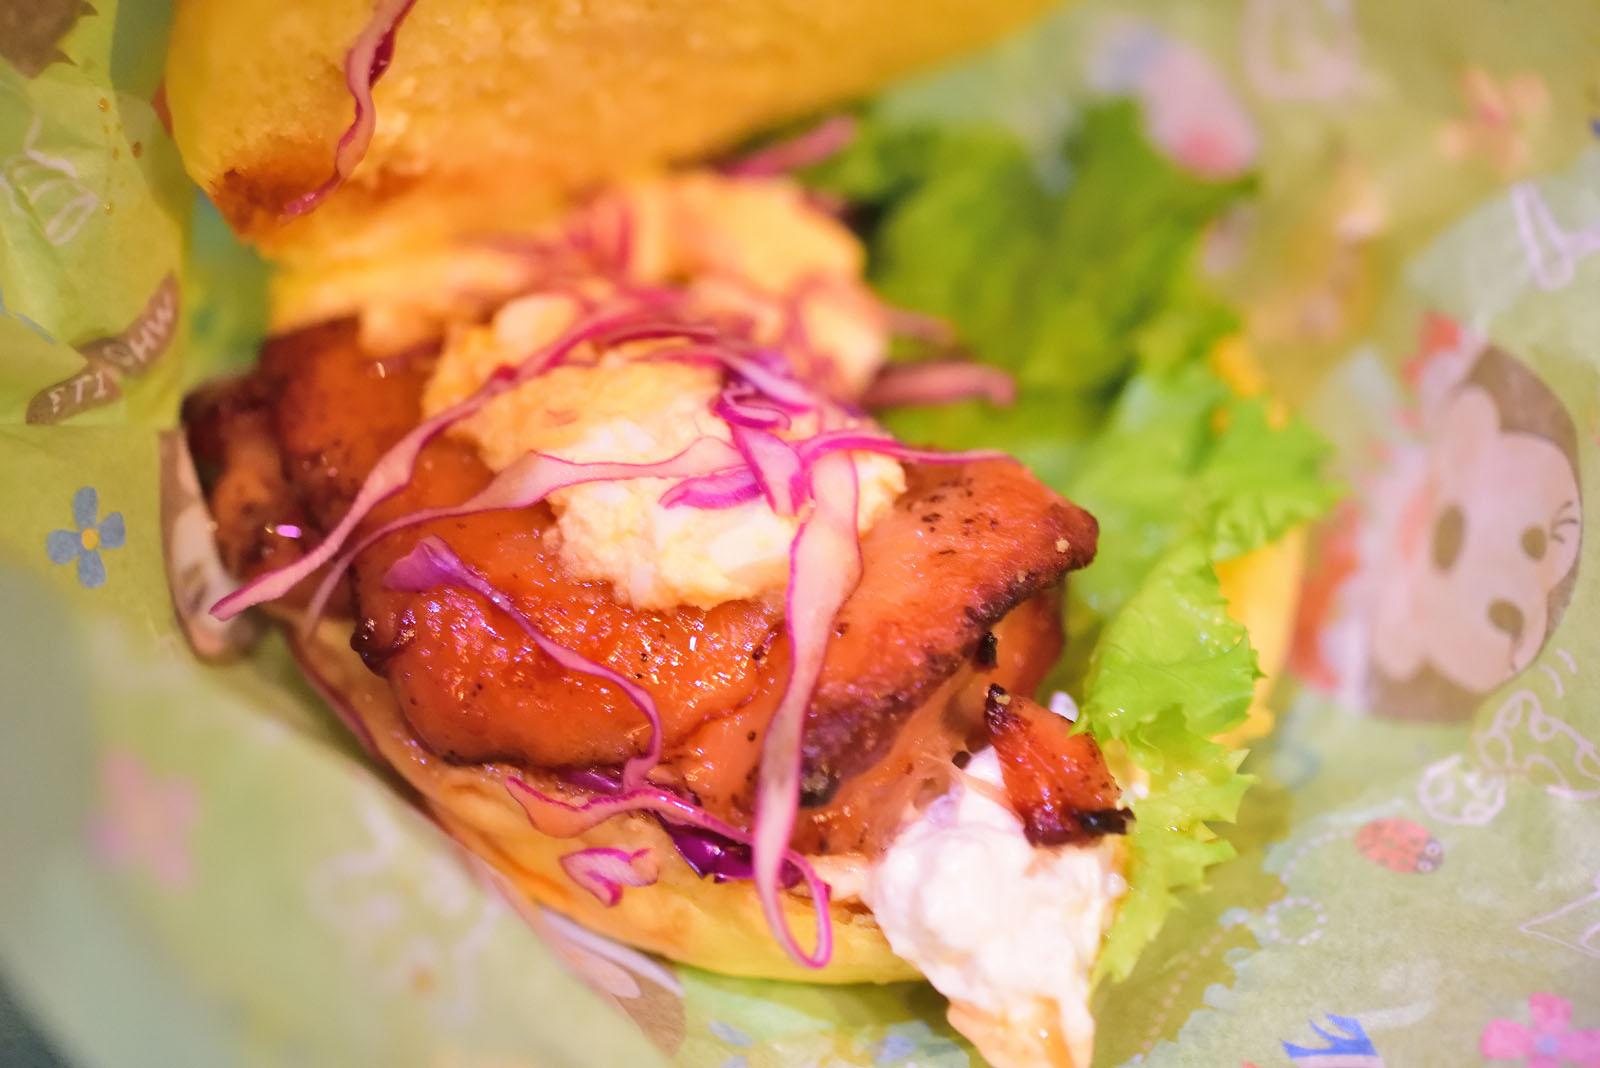 セバスチャンのカリプソキッチン ディズニー・イースター2019スペシャルセット テリヤキチキンとエッグサラダのサンド